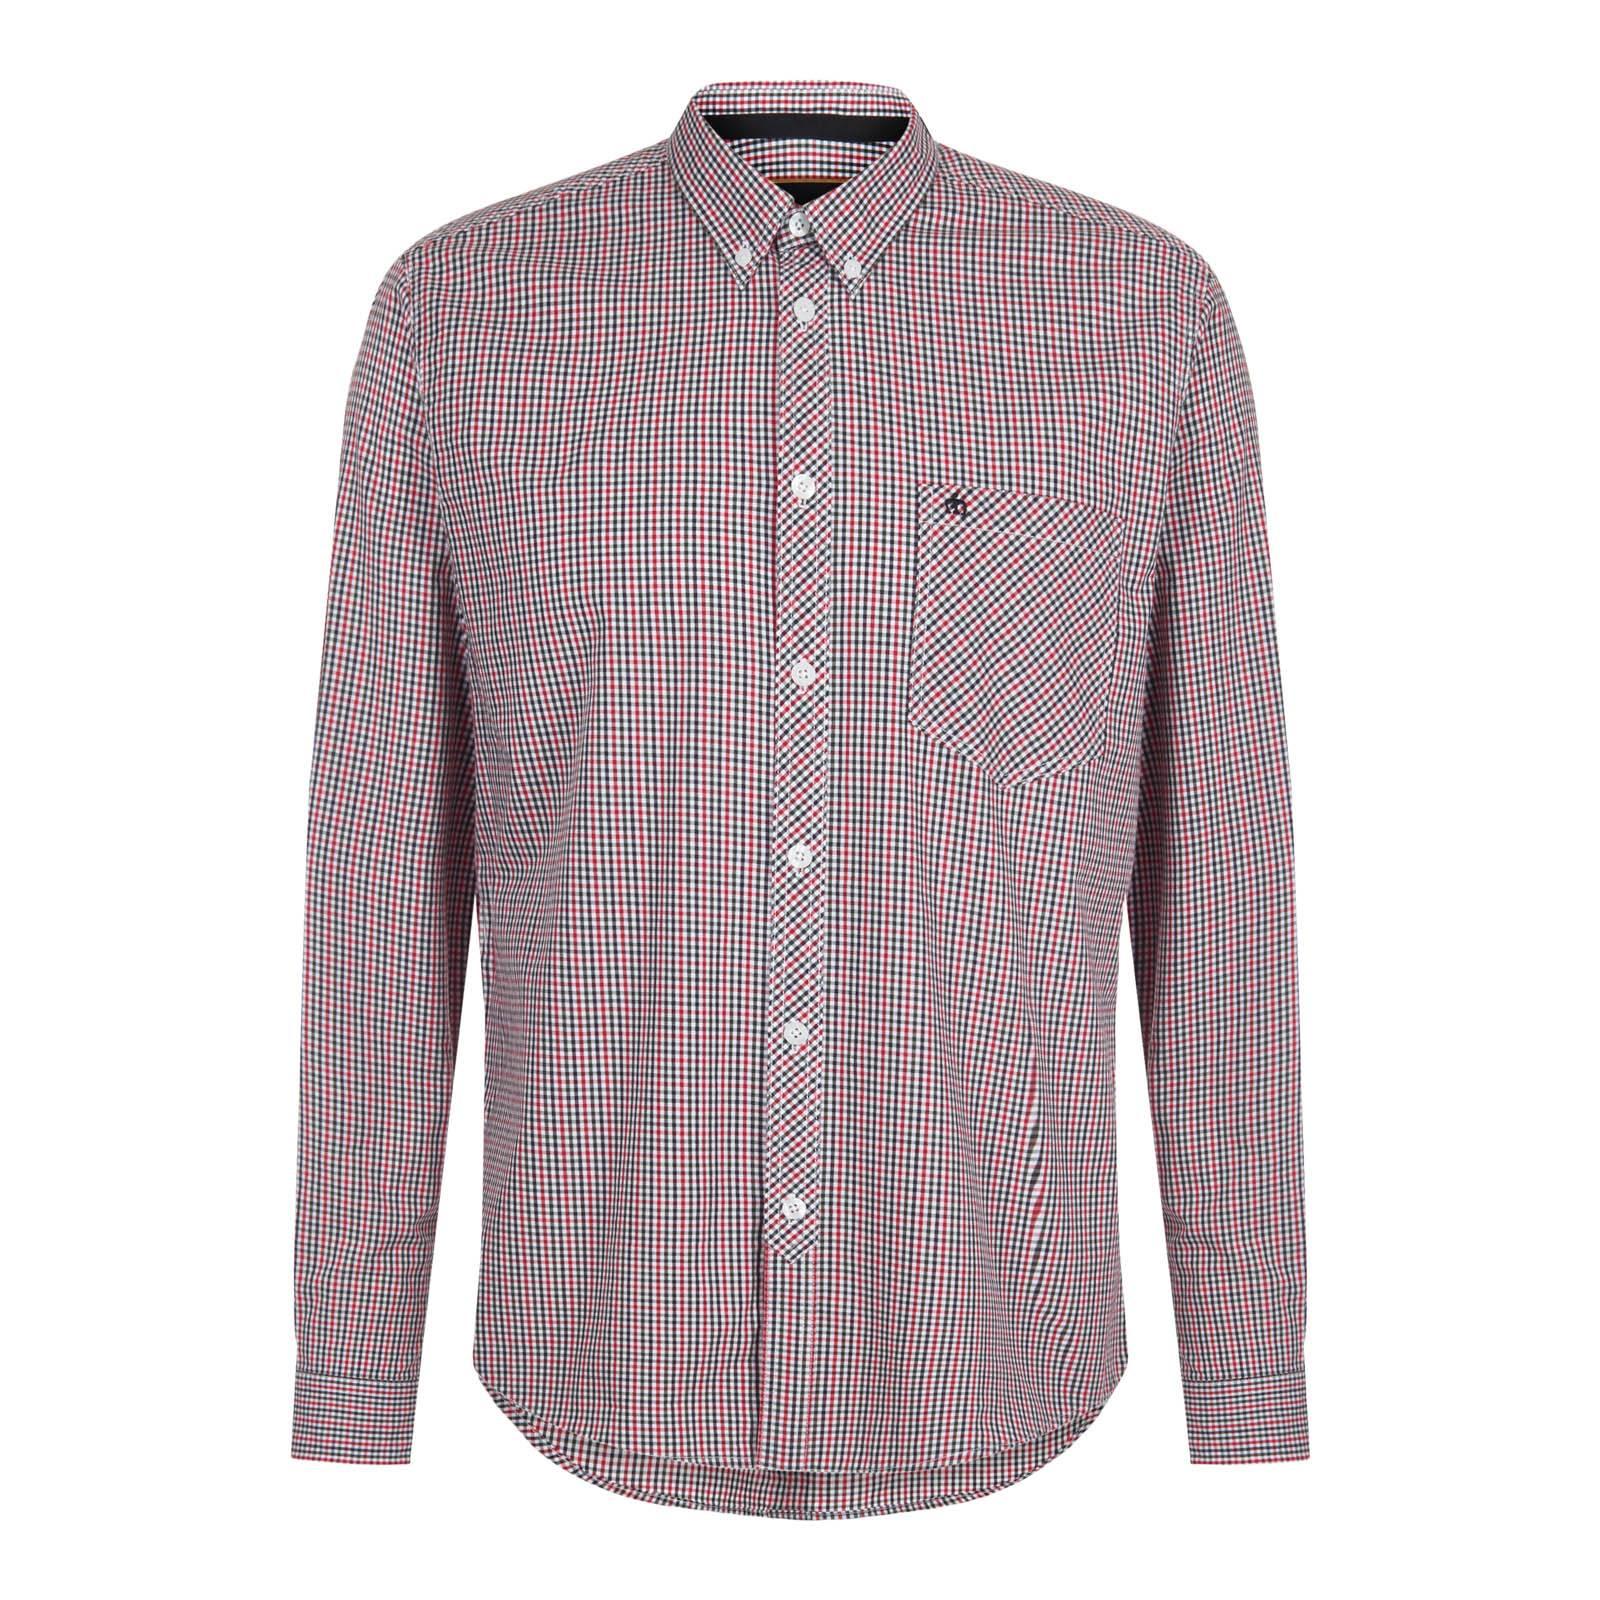 Рубашка SyndaleКлассические<br>Приталенного покроя мужская рубашка из высококачественной хлопковой ткани — мягкой, приятной на ощупь, прочной и долговечной. Исключительно актуальный в последние годы мелкий клетчатый узор представляет собой традиционный английский орнамент gingham.  Классический кэжуальный стиль, универсальное цветовое решение клетки на основе благородного сочетания черного, красного и белого цветов, а также практичный укороченный button-down воротник на пуговицах позволяют свободно комбинировать эту рубашку с большинством моделей брюк, трикотажа, верхней одежды и обуви. Благодаря удлиненной спинке не выправляется из брюк. Также носится и навыпуск. Брендирована фирменным логотипом Корона, вышитым контрастными нитями на нагрудном кармане.<br><br>Артикул: 1516211<br>Материал: 100% хлопок<br>Цвет: мультицветная клетка<br>Пол: Мужской